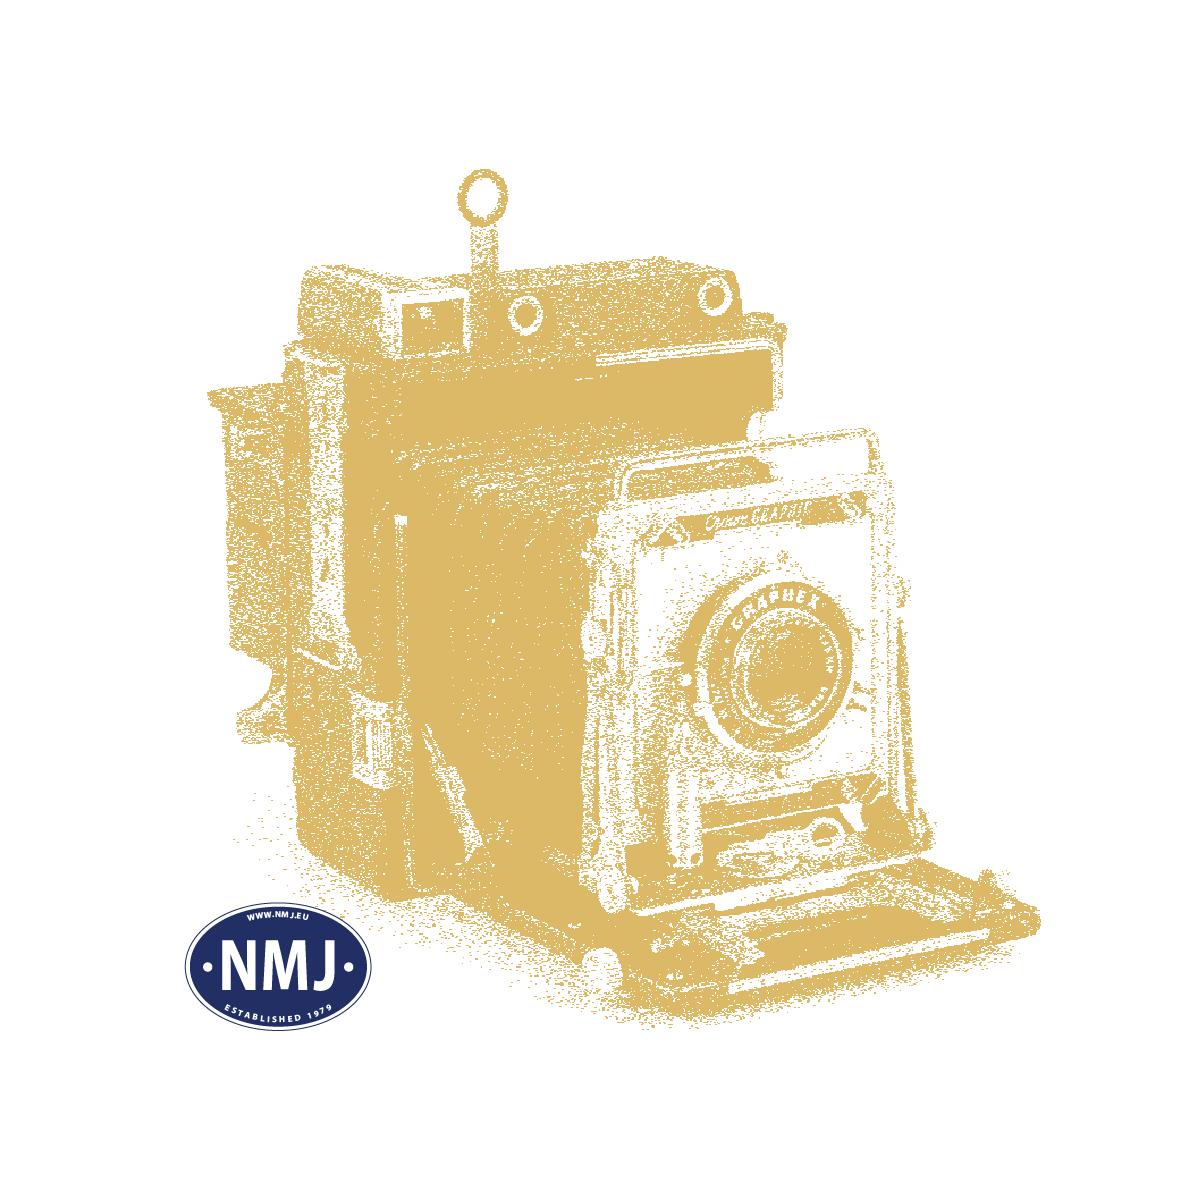 NMJT505.403 - NMJ Topline NSB Rps 31 76 393 3 141-9 m/ Finsam fliskasser (lastet med flis)